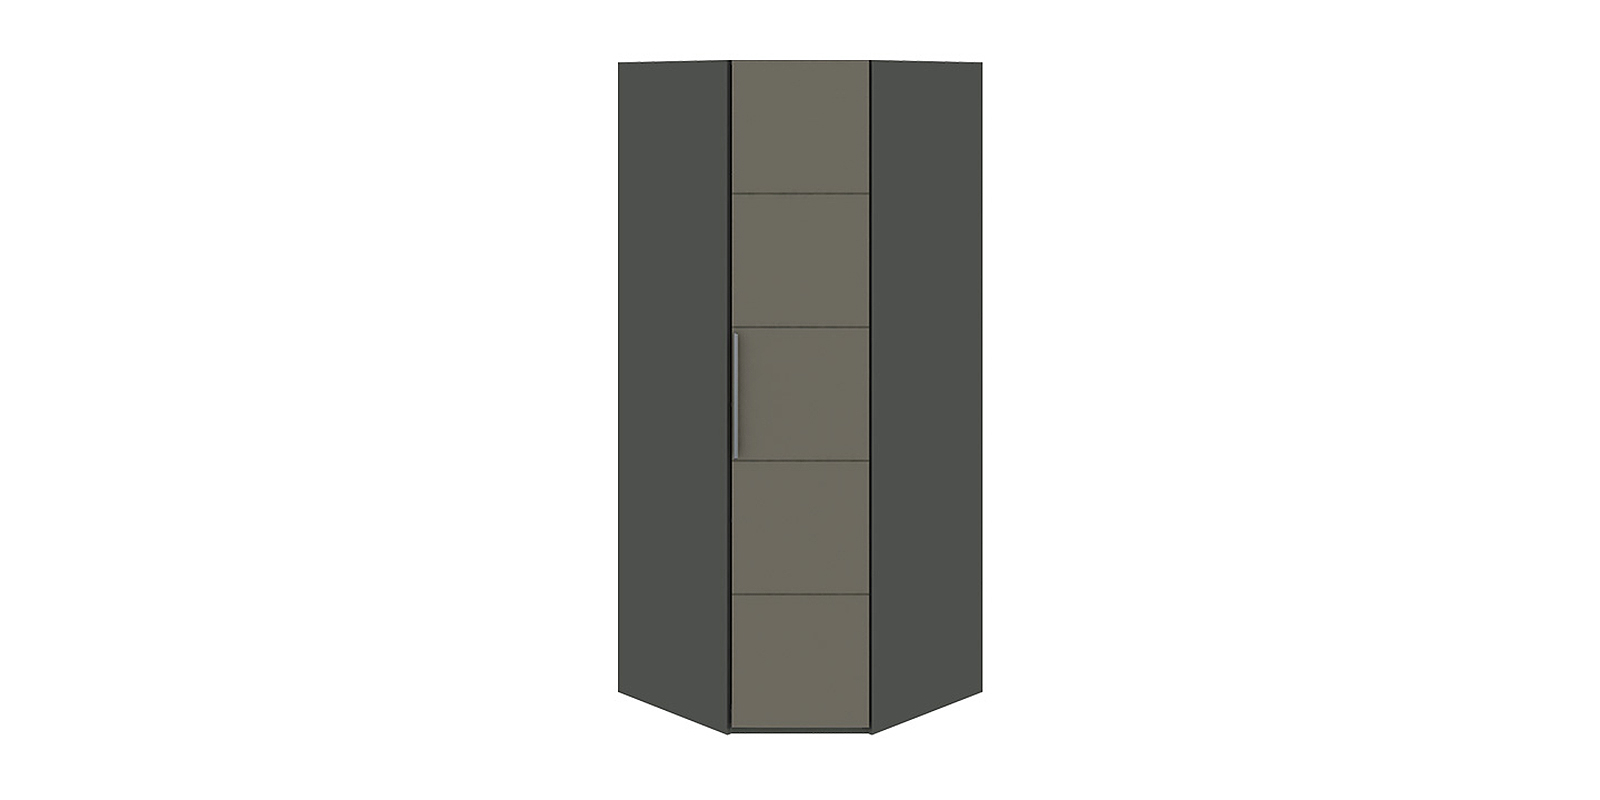 Шкаф распашной угловой Сорренто вариант №1 (темно-серый/серый)